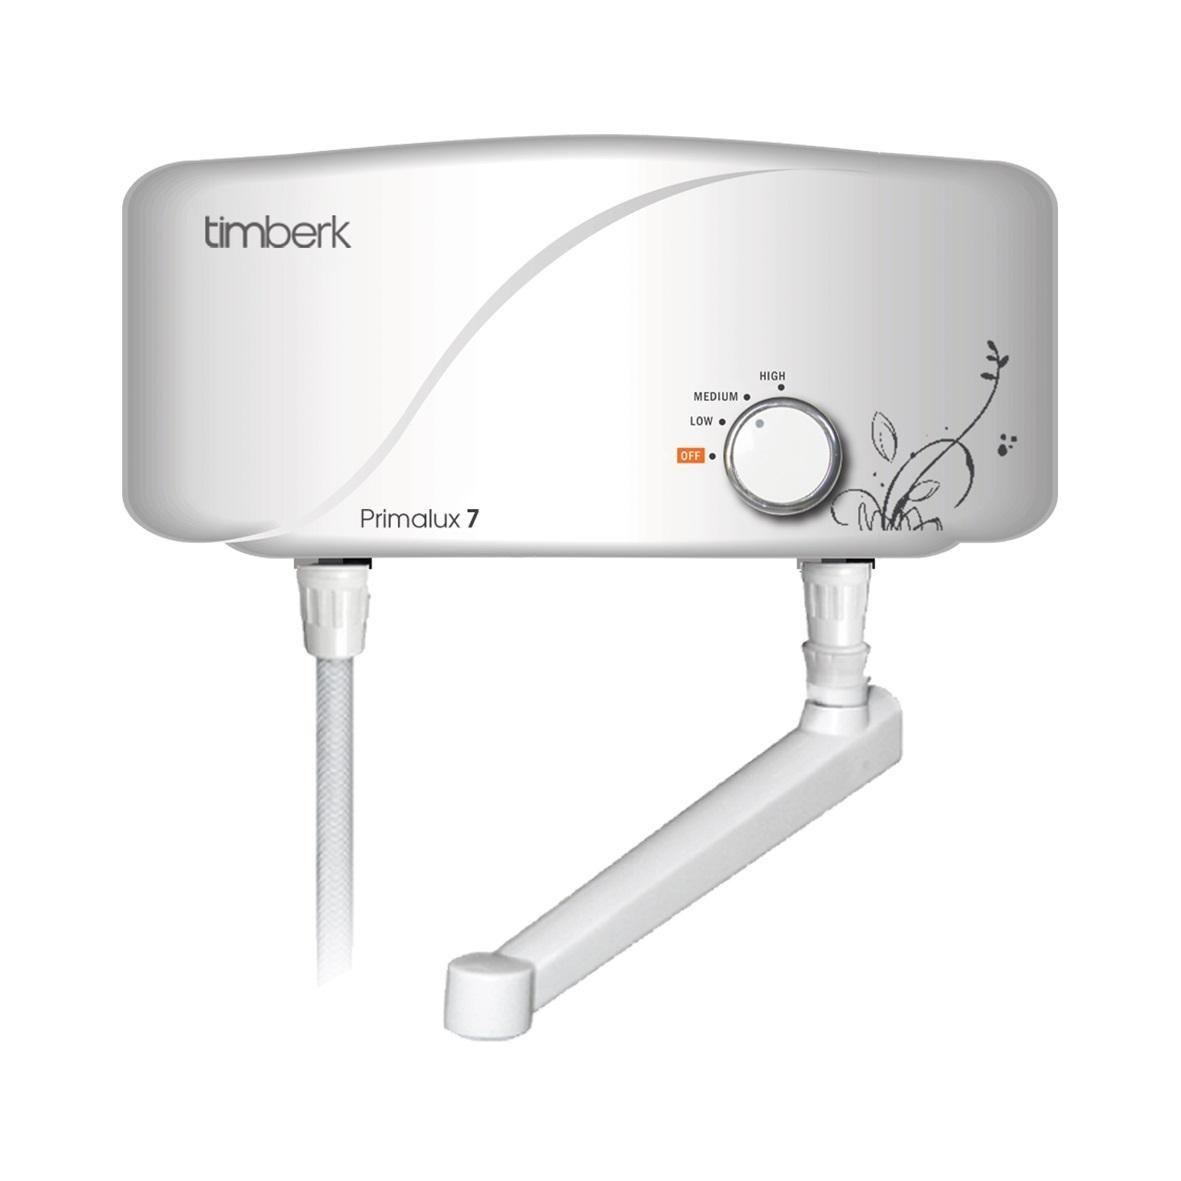 Timberk WHEL-7 OC проточный водонагреватель с краномWHEL-7 OCПроточный водонагреватель Timberk WHEL-7 имеет обтекаемый влагозащищенный корпус и современный авторский дизайн, который придаст уникальный вид интерьеру ванной комнаты или кухни.Данная модель обеспечивает горячей водой одну точку потребления. Прибор содержит в себе надежный медный нагревательный элемент с защитным покрытием и увеличенным ресурсом работы.Гидравлический клапан с датчиком отключения срабатывает автоматически и отключает электропитание ТЭНа при перекрывании подачи воды или при ее отсутствии. А колба из высокопрочного термопластика специальной конструкции и утолщенными стенками увеличивает надежность прибора.Водонагреватель укомплектован многоразовым фильтром очистки воды от мелких примесей. Он также имеет 3 ступени мощности и встроенный датчик защиты от перегрева.Класс влагозащиты: IPX4Класс электрозащиты: 1Производительность: 4,5 л/минНоминальный ток: 30 АРабочие давление: 0,03-0,6 МПа